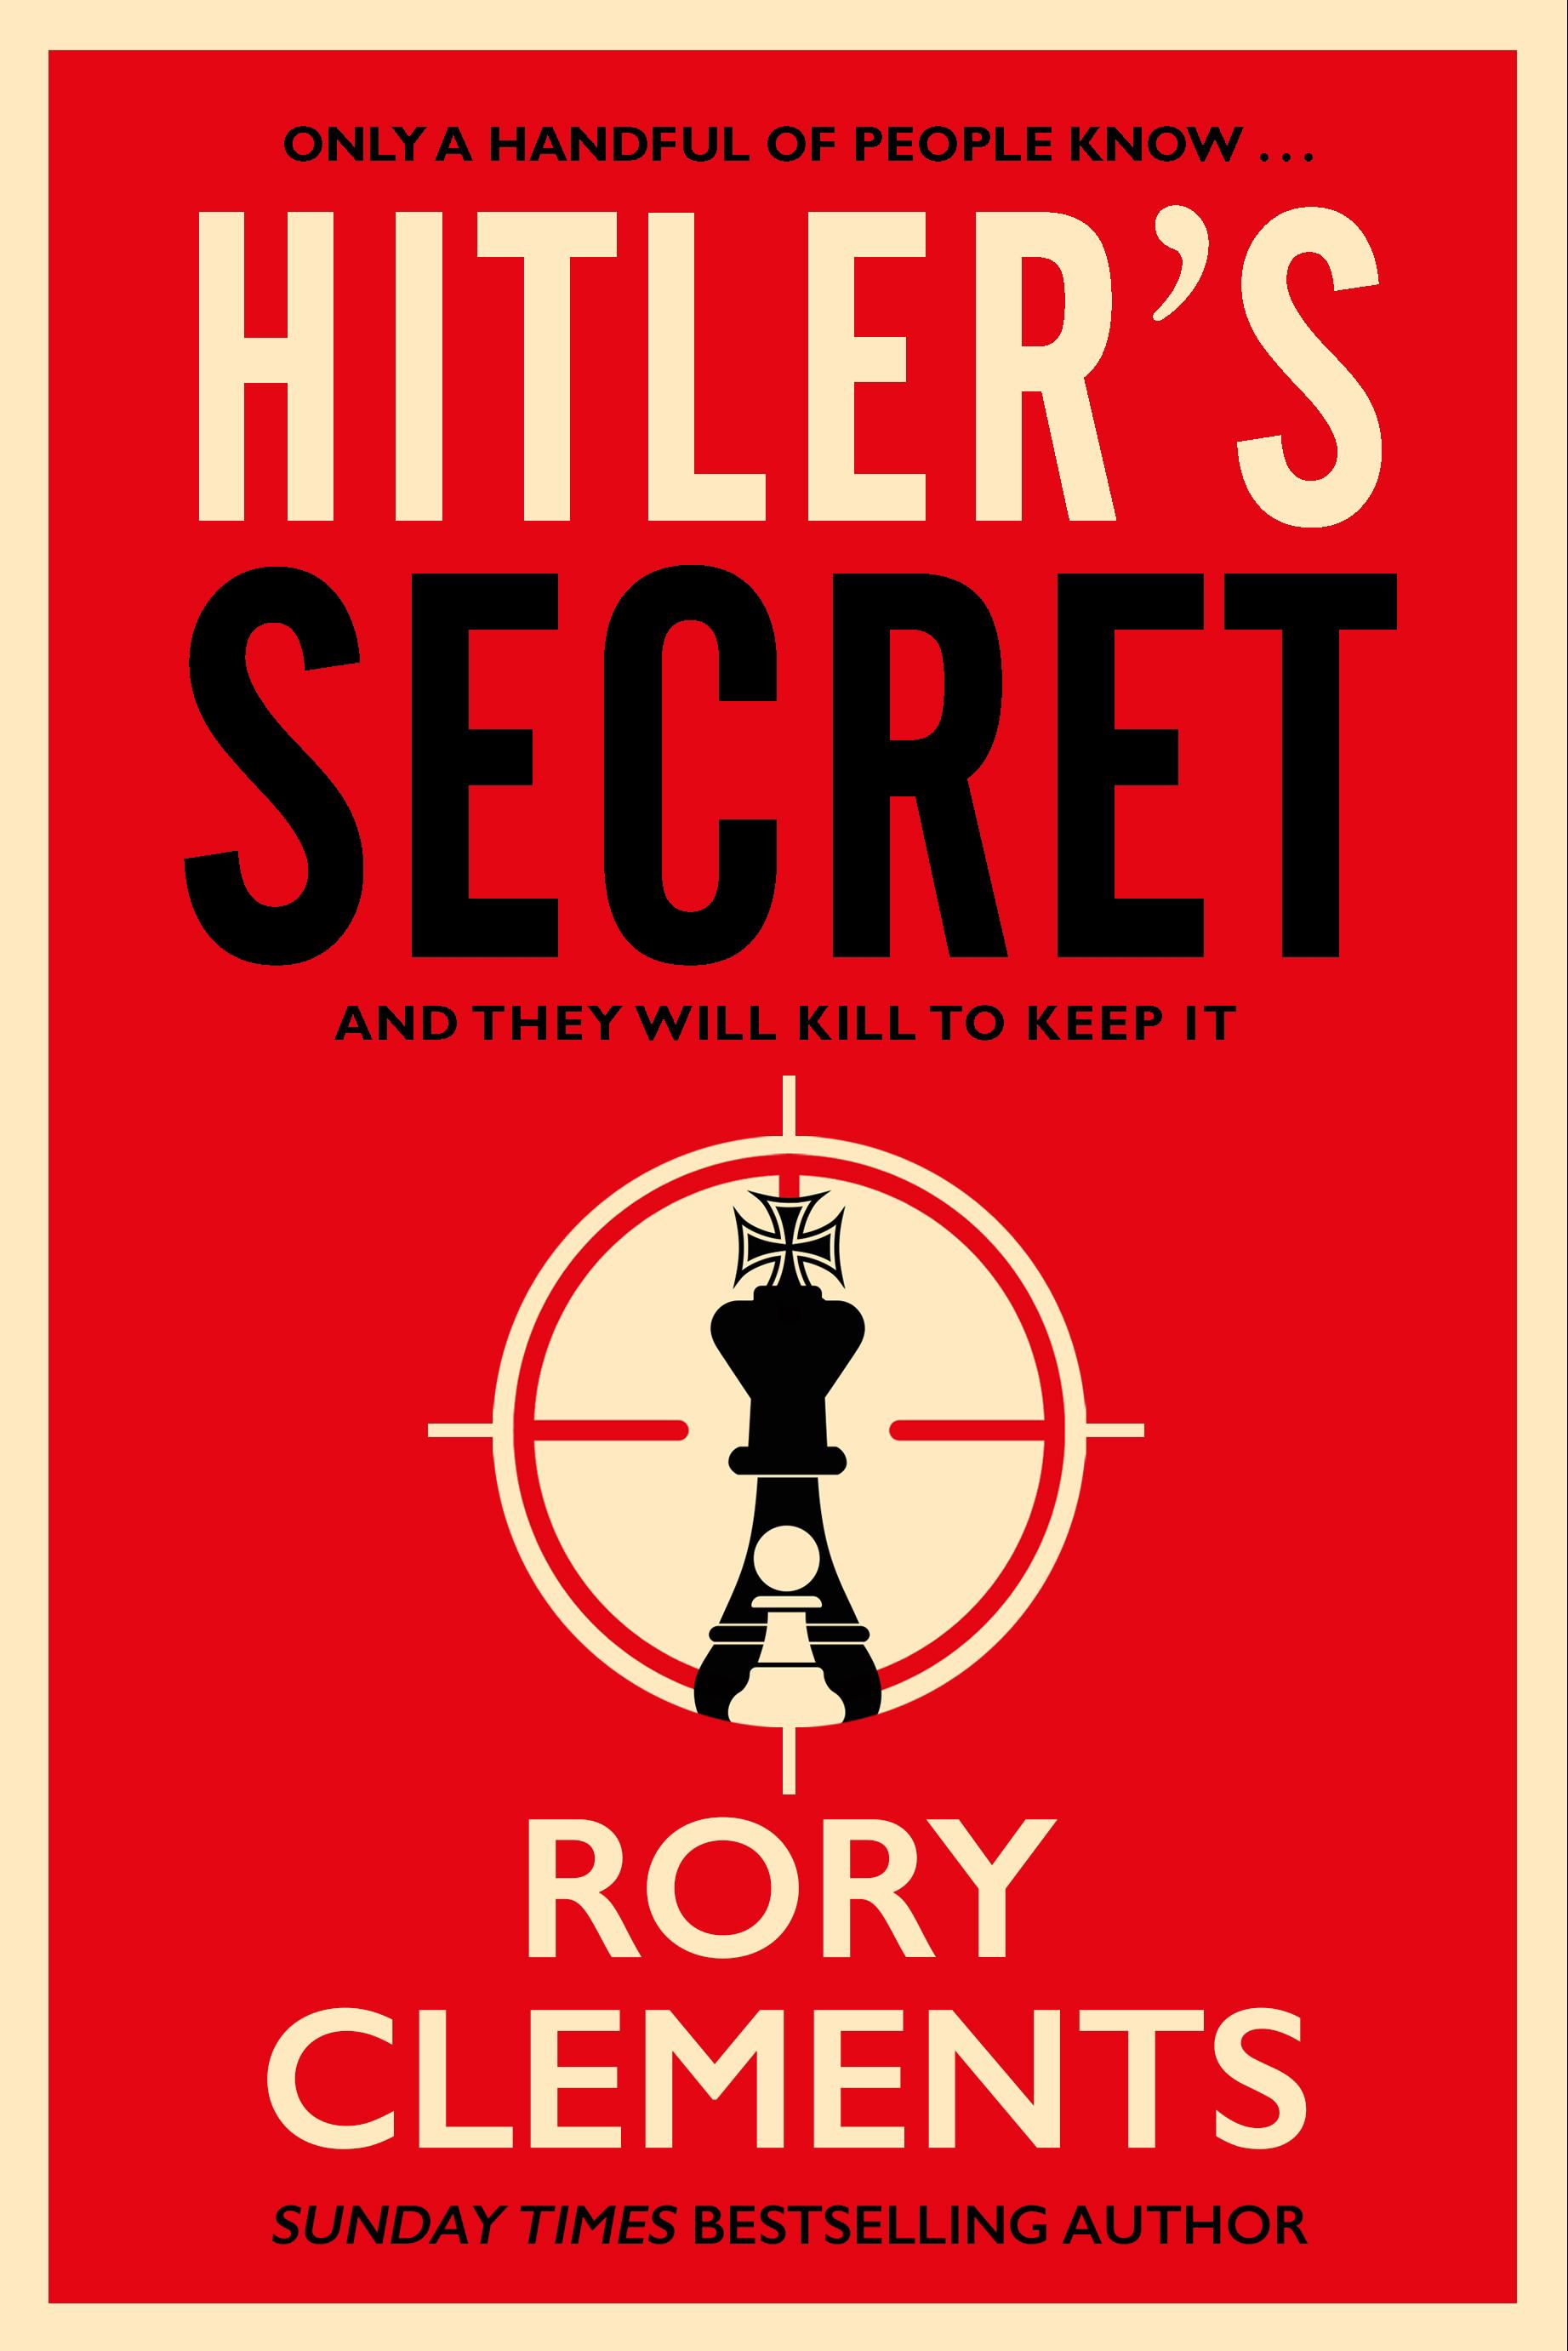 Hitler's Secret Cover